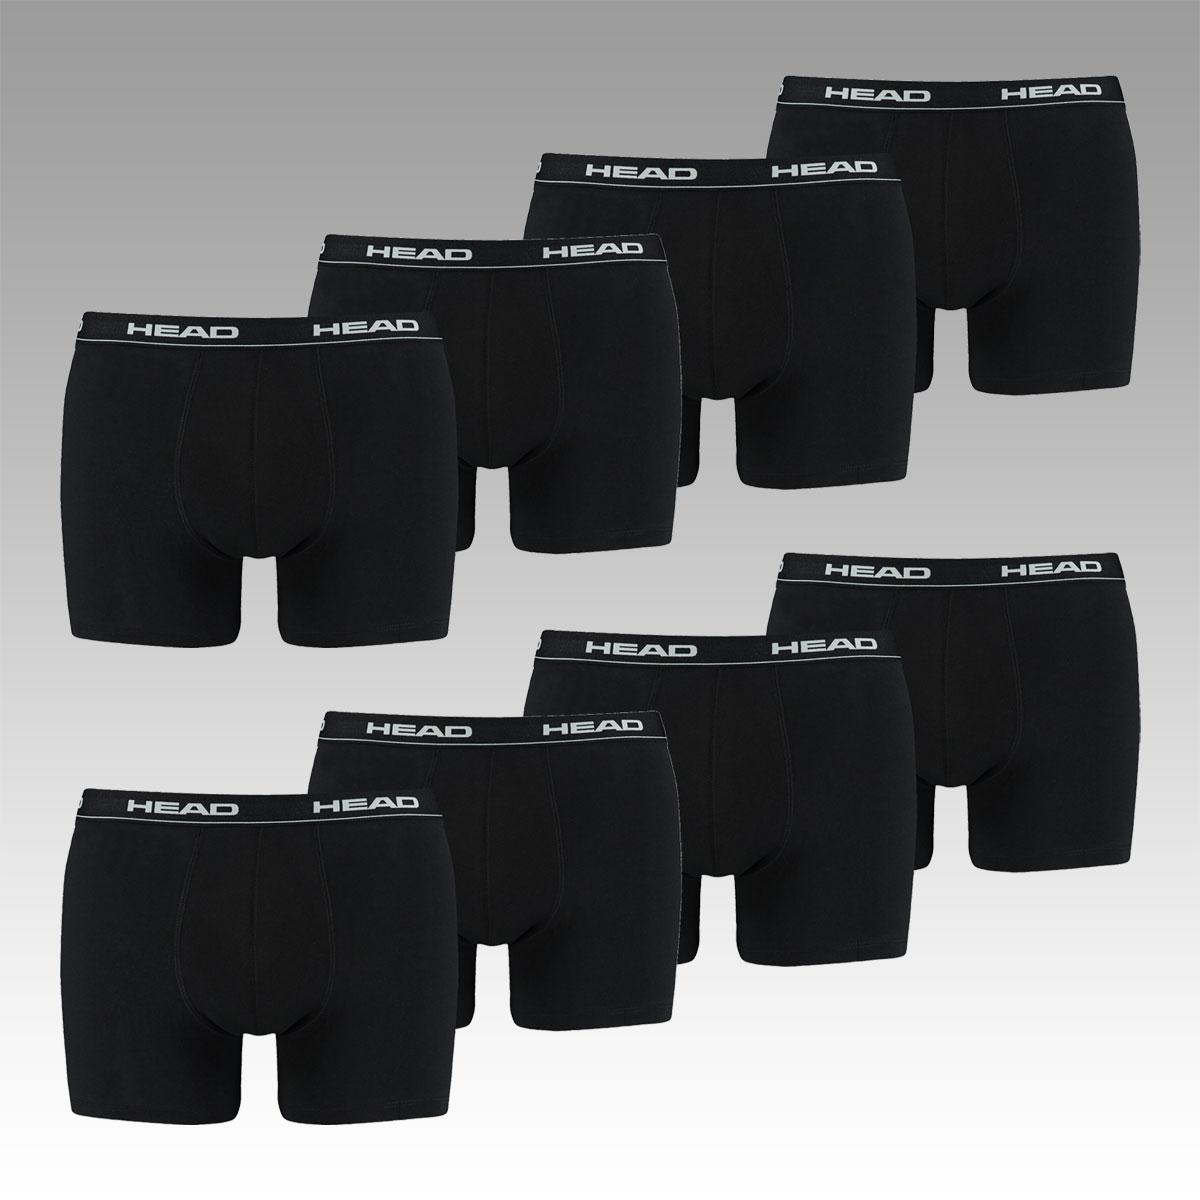 Bis morgen 8 HEAD Basic Boxershorts (verschiedene Farben + Größen) für 23,95€ inkl. Versand statt 34,99€